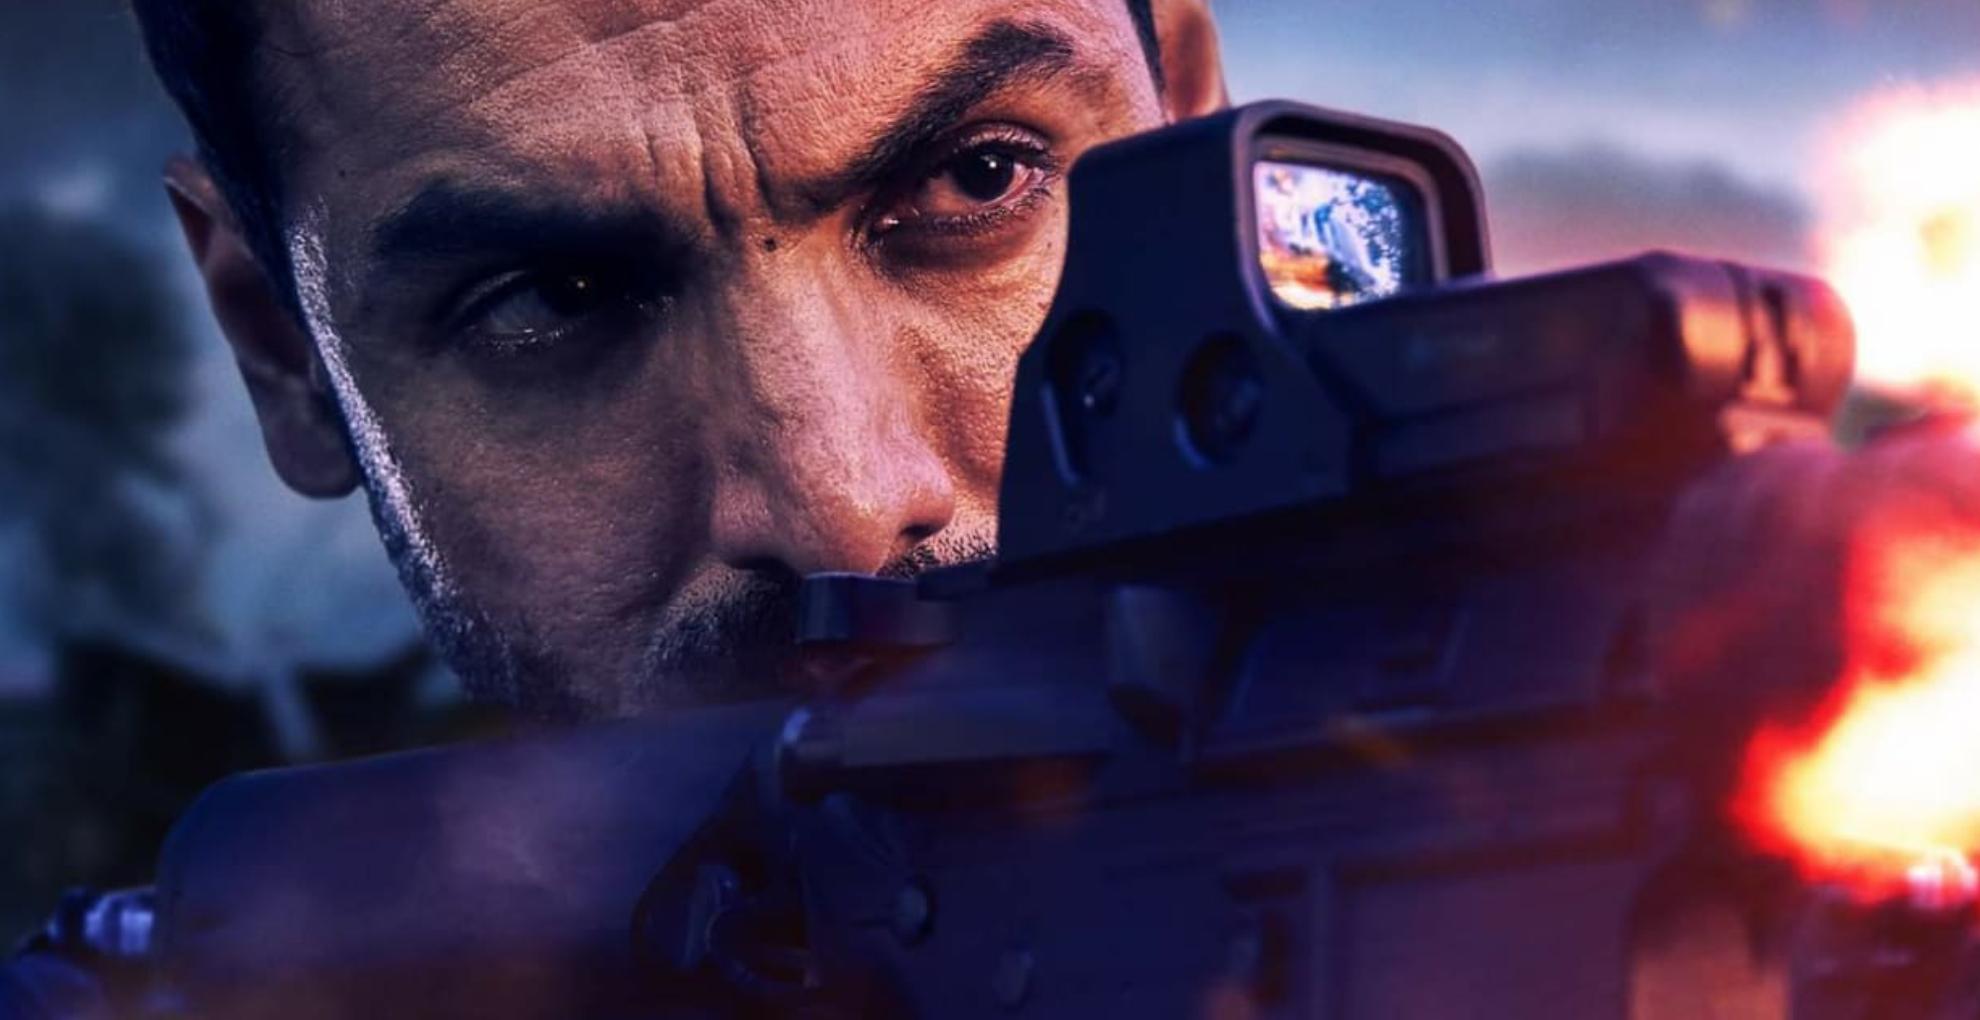 जॉन अब्राहम के हाथ लगी एक और बड़ी एक्शन-थ्रिलर फिल्म, इस दिन शुरू होगी इसकी शूटिंग